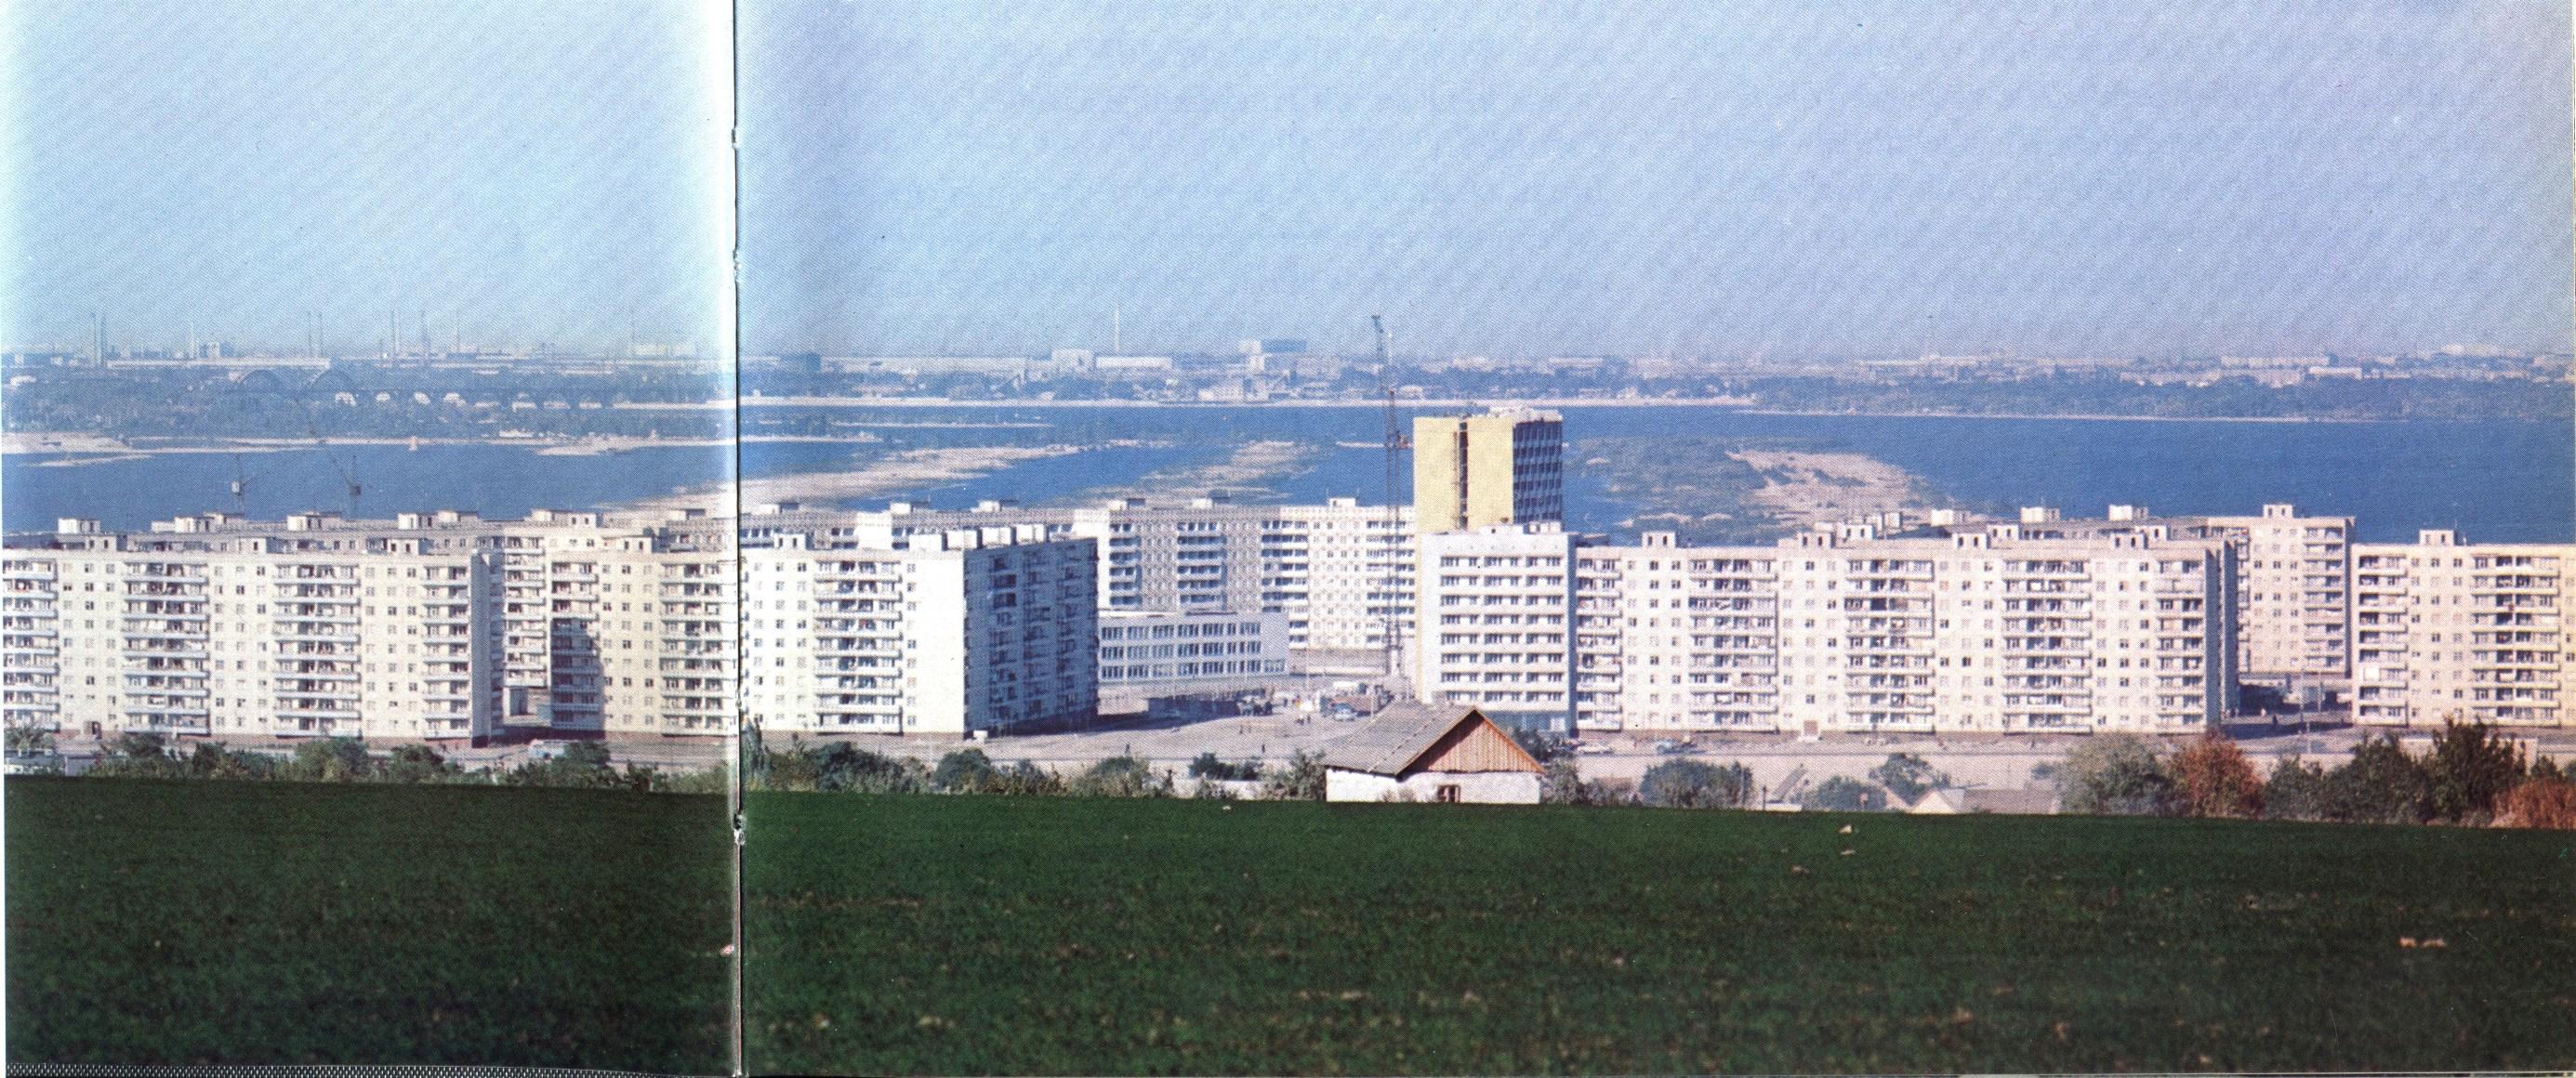 Общий вид жилмассива. 1976 год Жилмассиву Победа в Днепре – 50 лет!